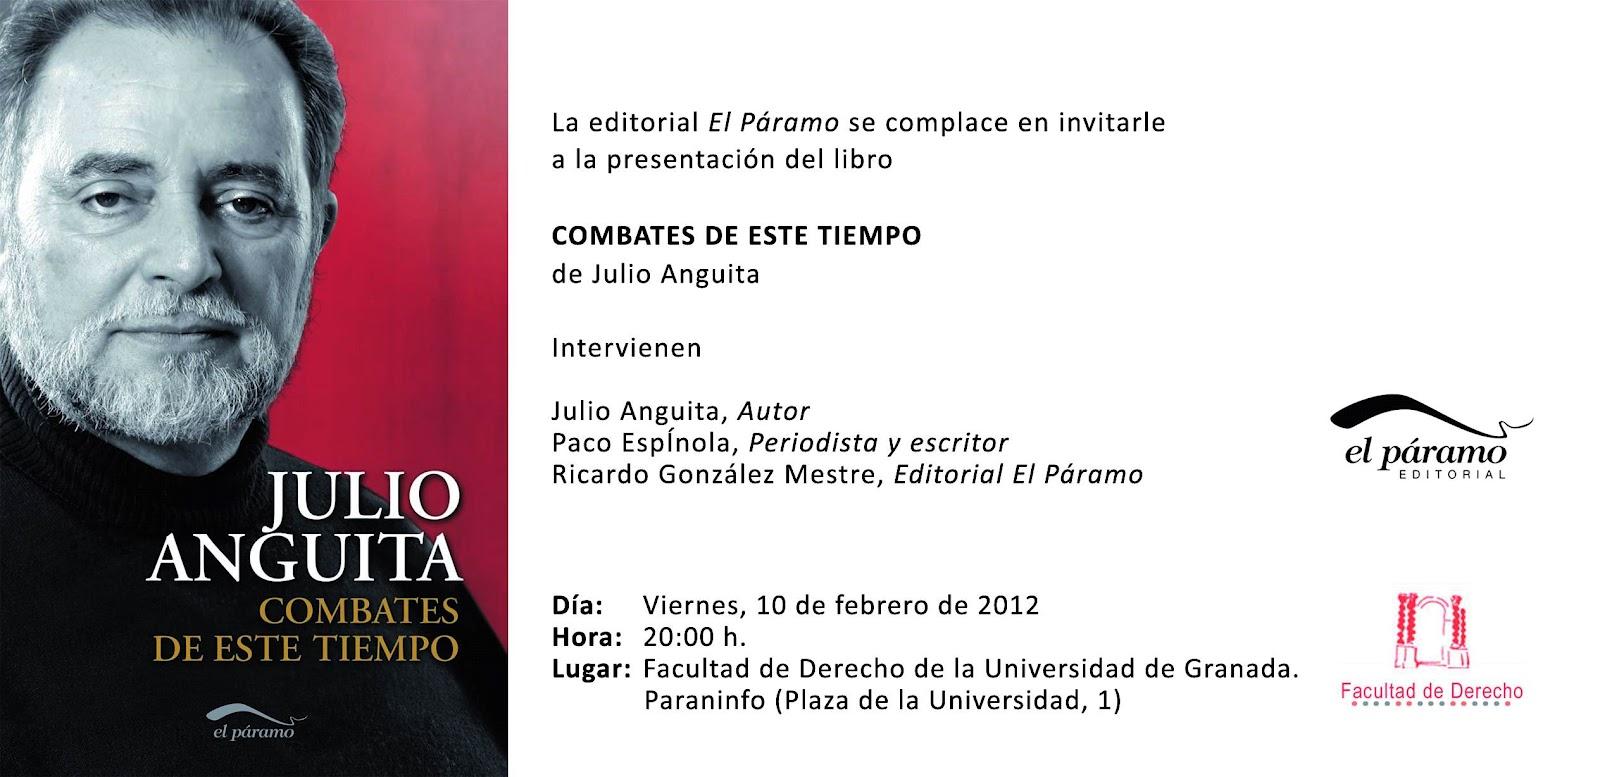 Francisco J. Segovia Ramos: Presentación del libro